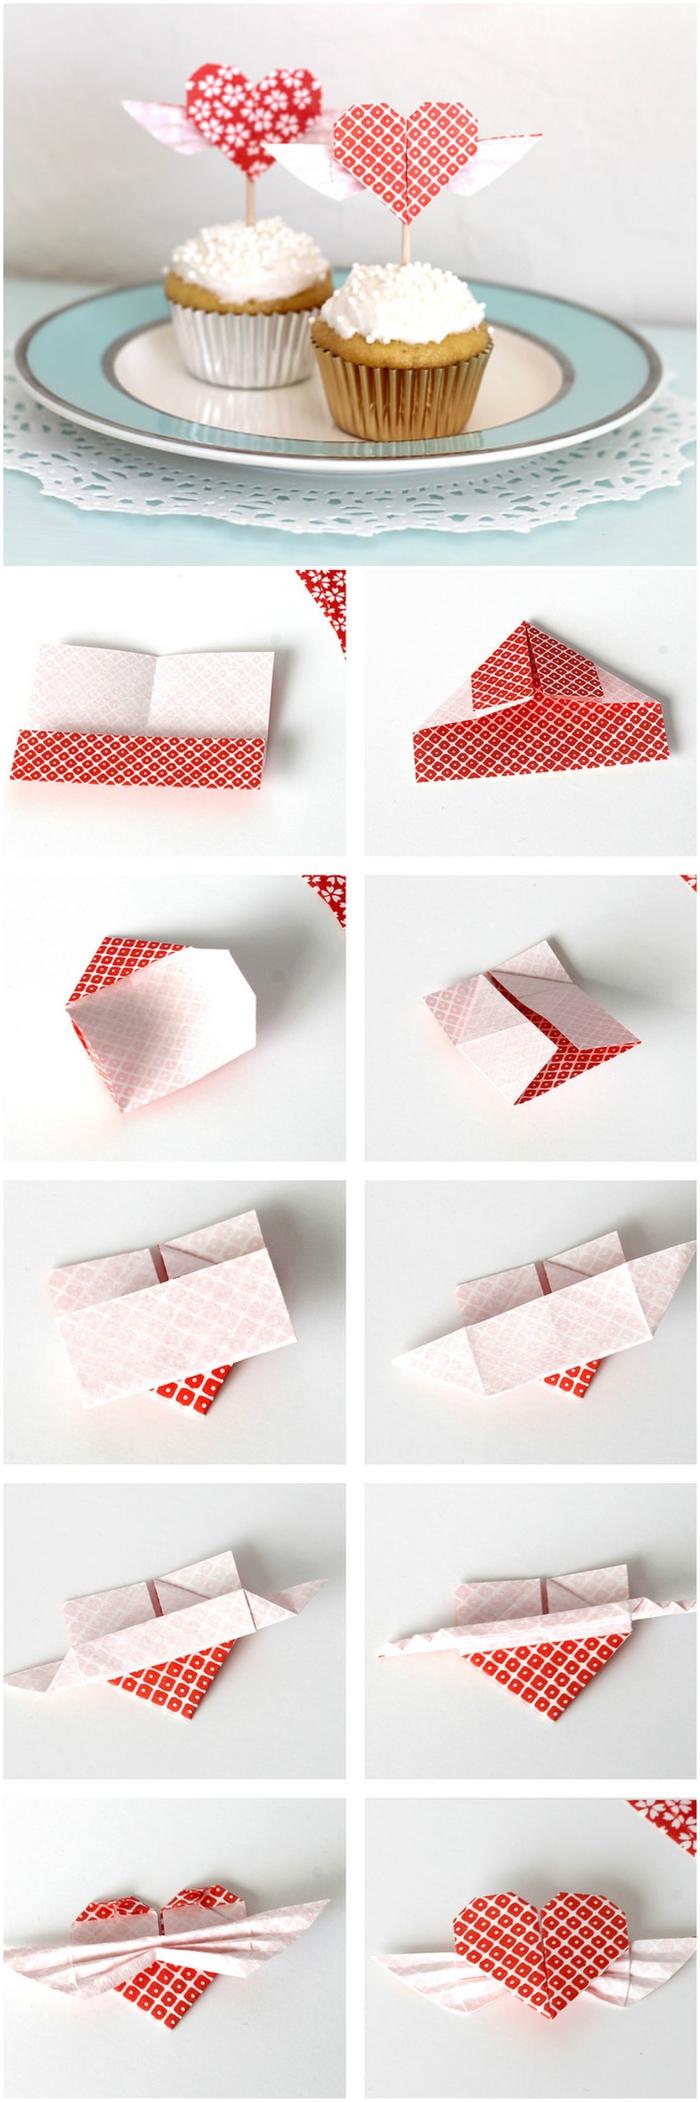 un bricolage origami facile pour la saint-valentin, comment faire des cake toppers en forme de coeurs origami